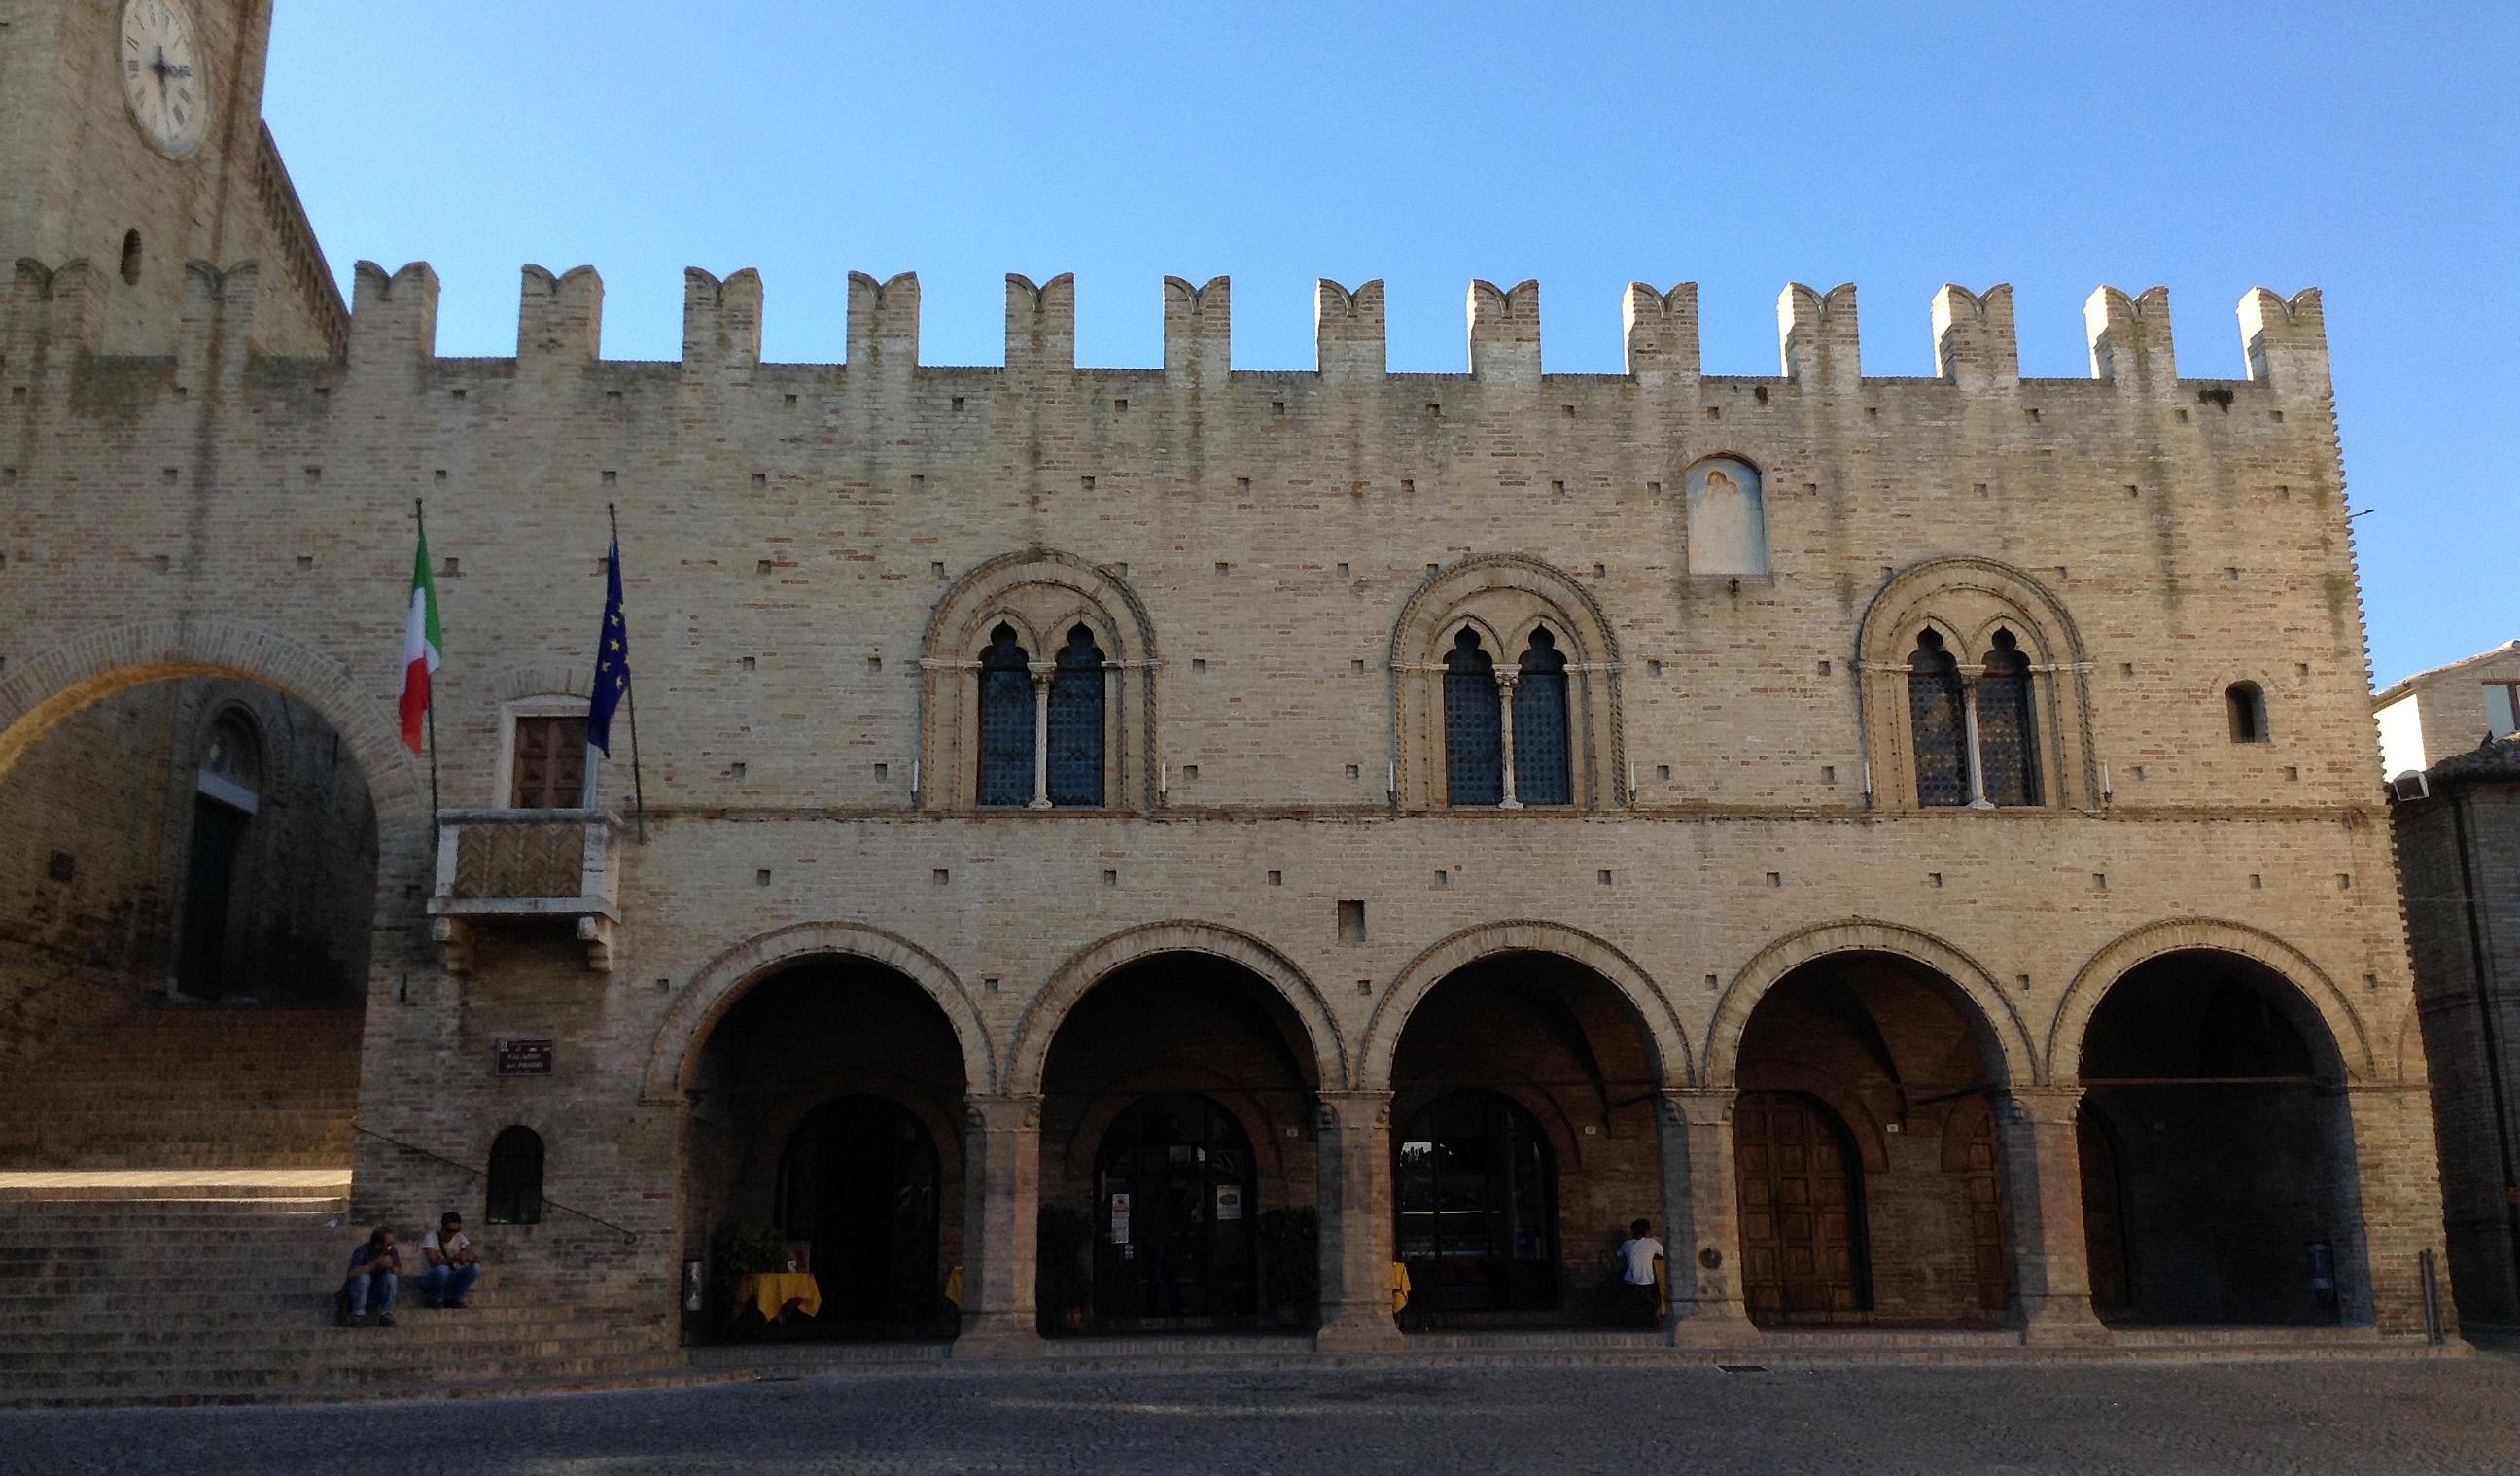 Palazzo dei Priori Montecassiano